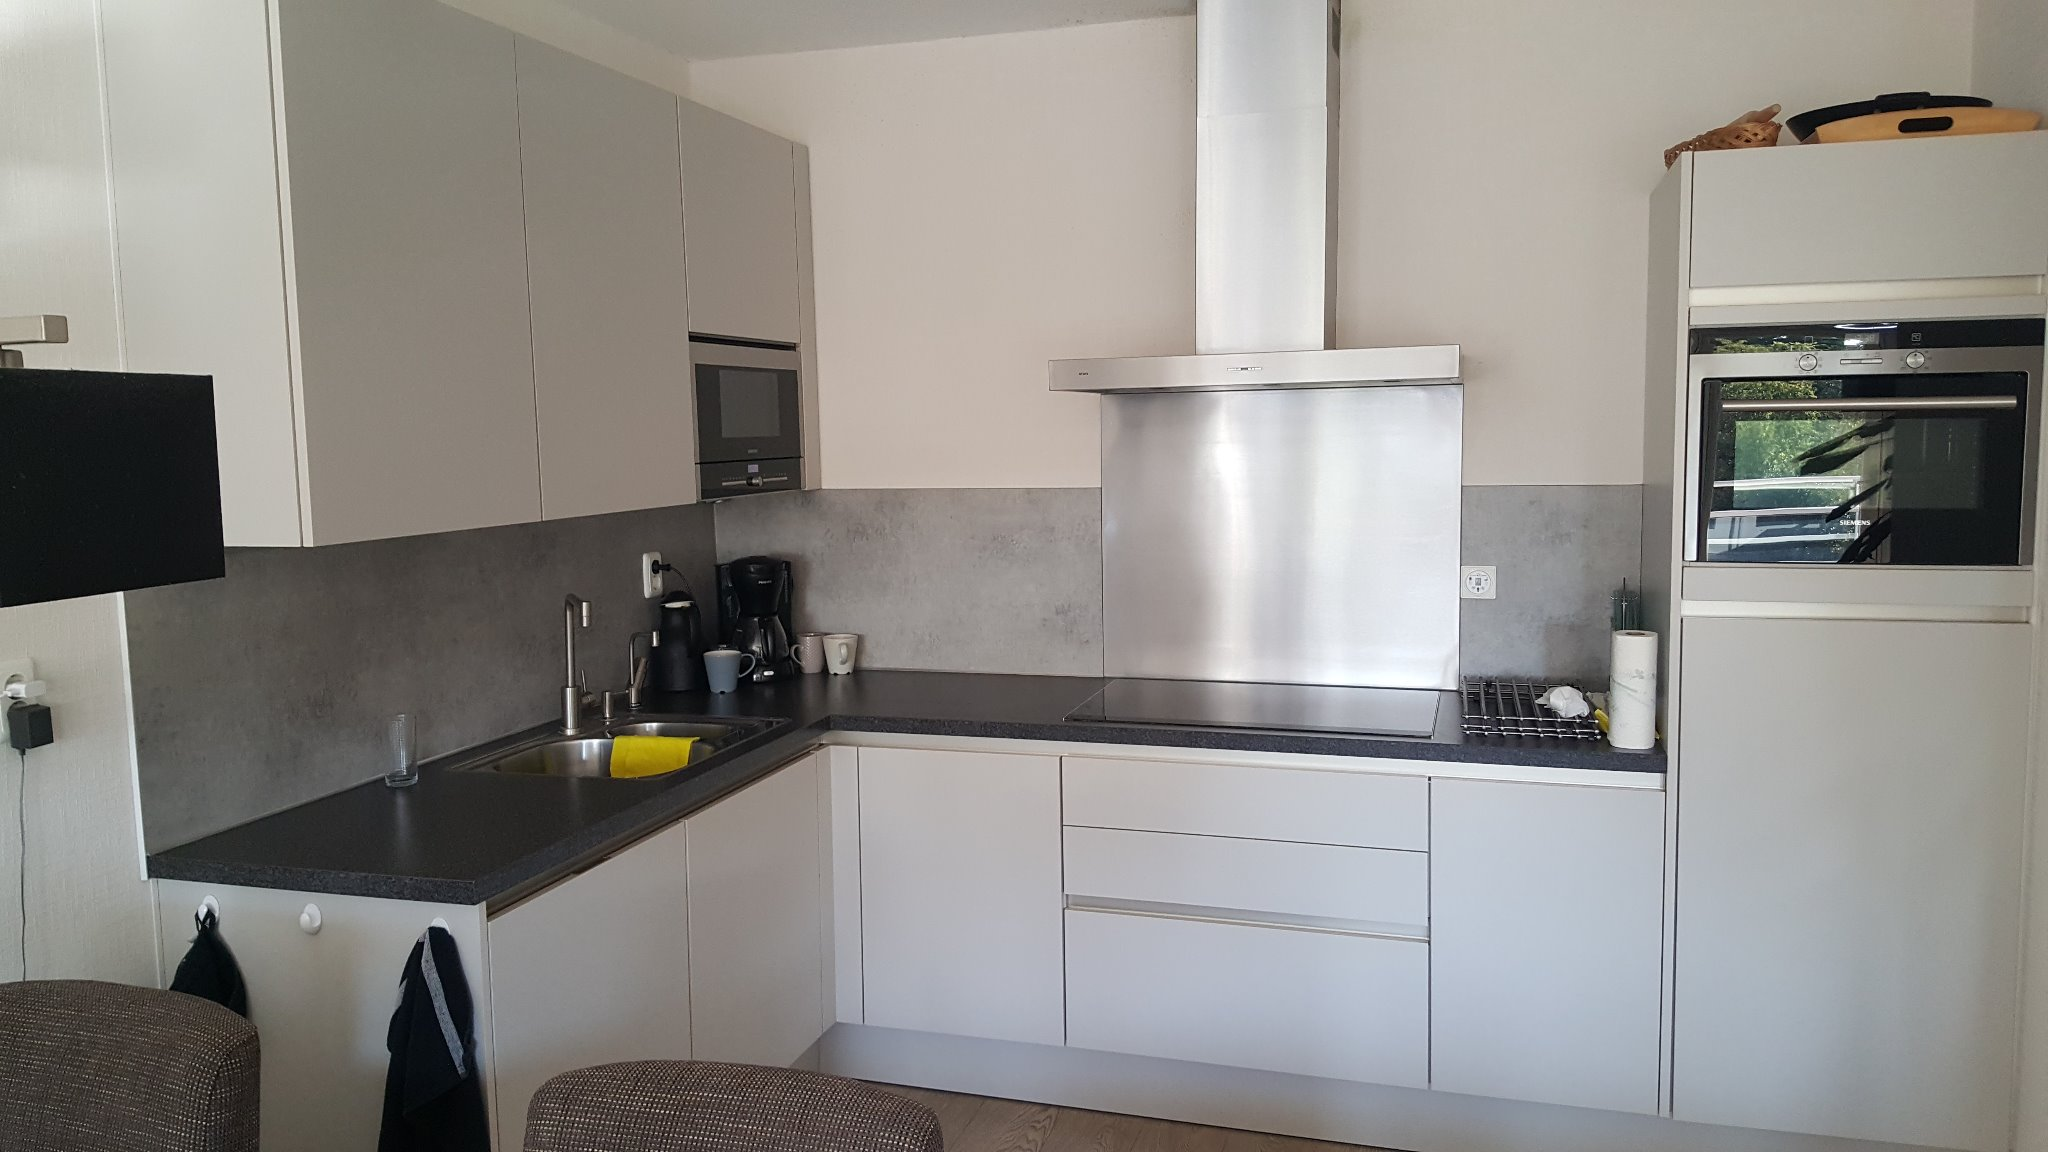 Plafond Afzuigkap Keuken : Achterwand keuken en afzuigkap ?? vervangen en deel plafond witten